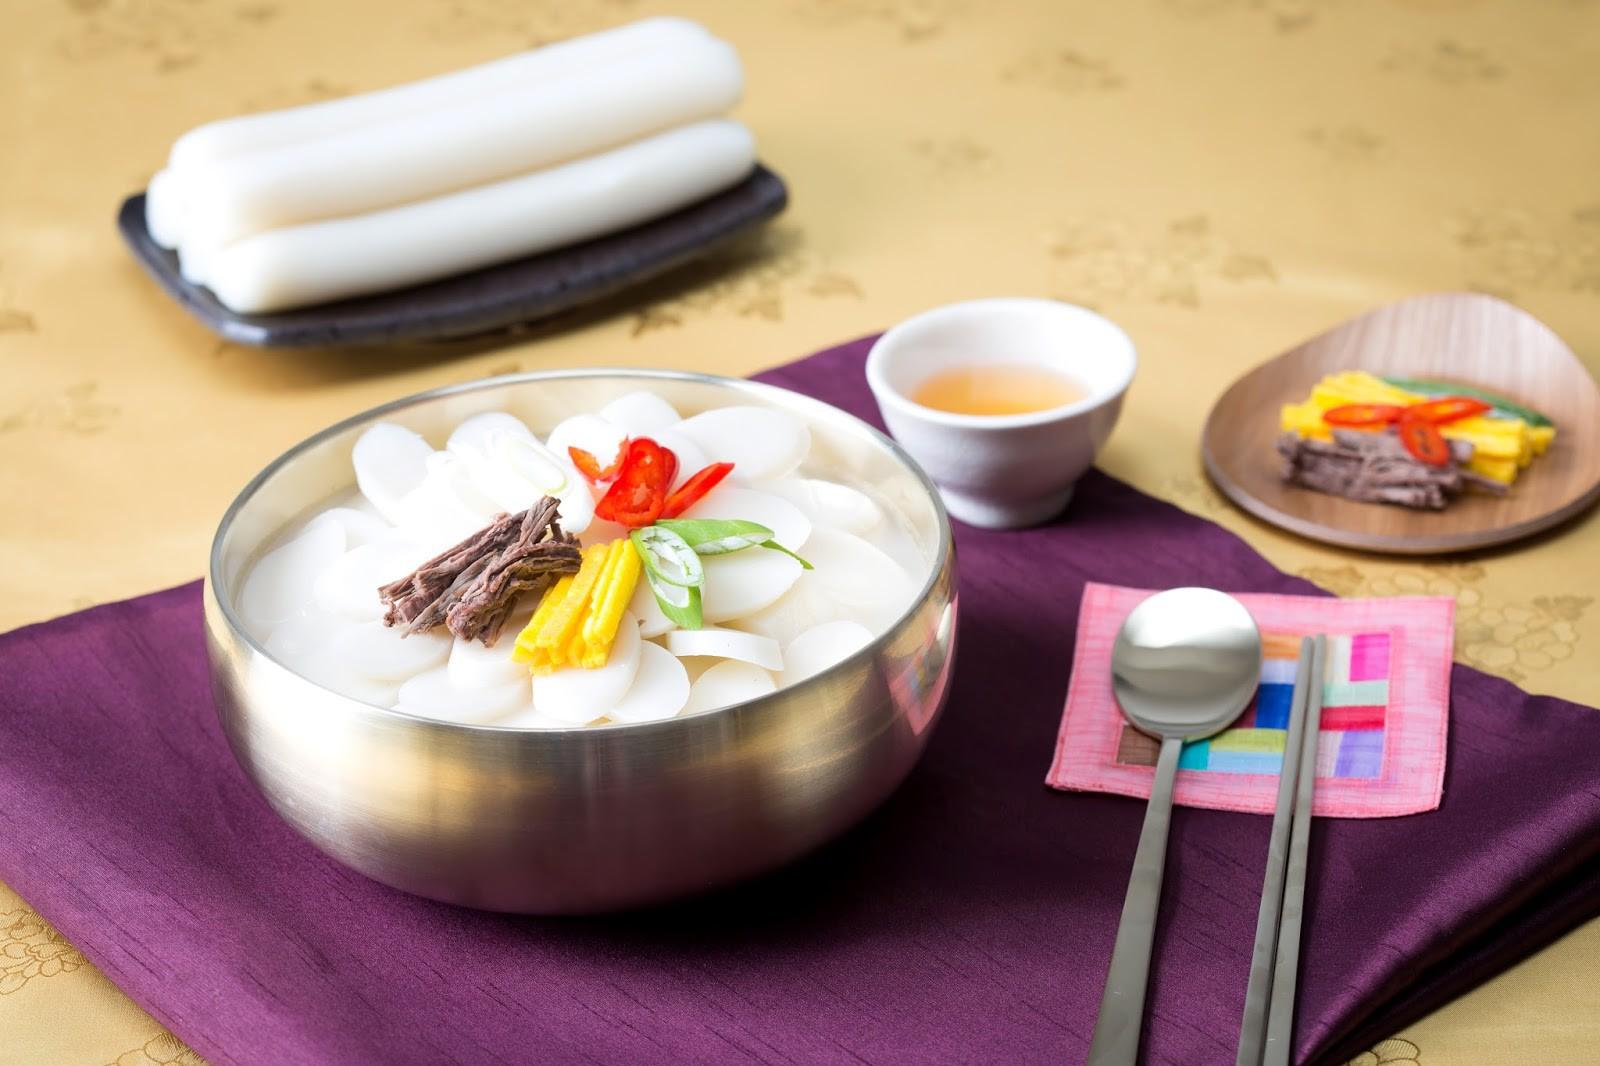 Ẩm thực Hàn: chỉ một chữ teokk nhưng phủ sóng từ lễ năm mới, Trung Thu đến lễ cưới, sinh nhật, tiệc mừng thọ... - Ảnh 3.